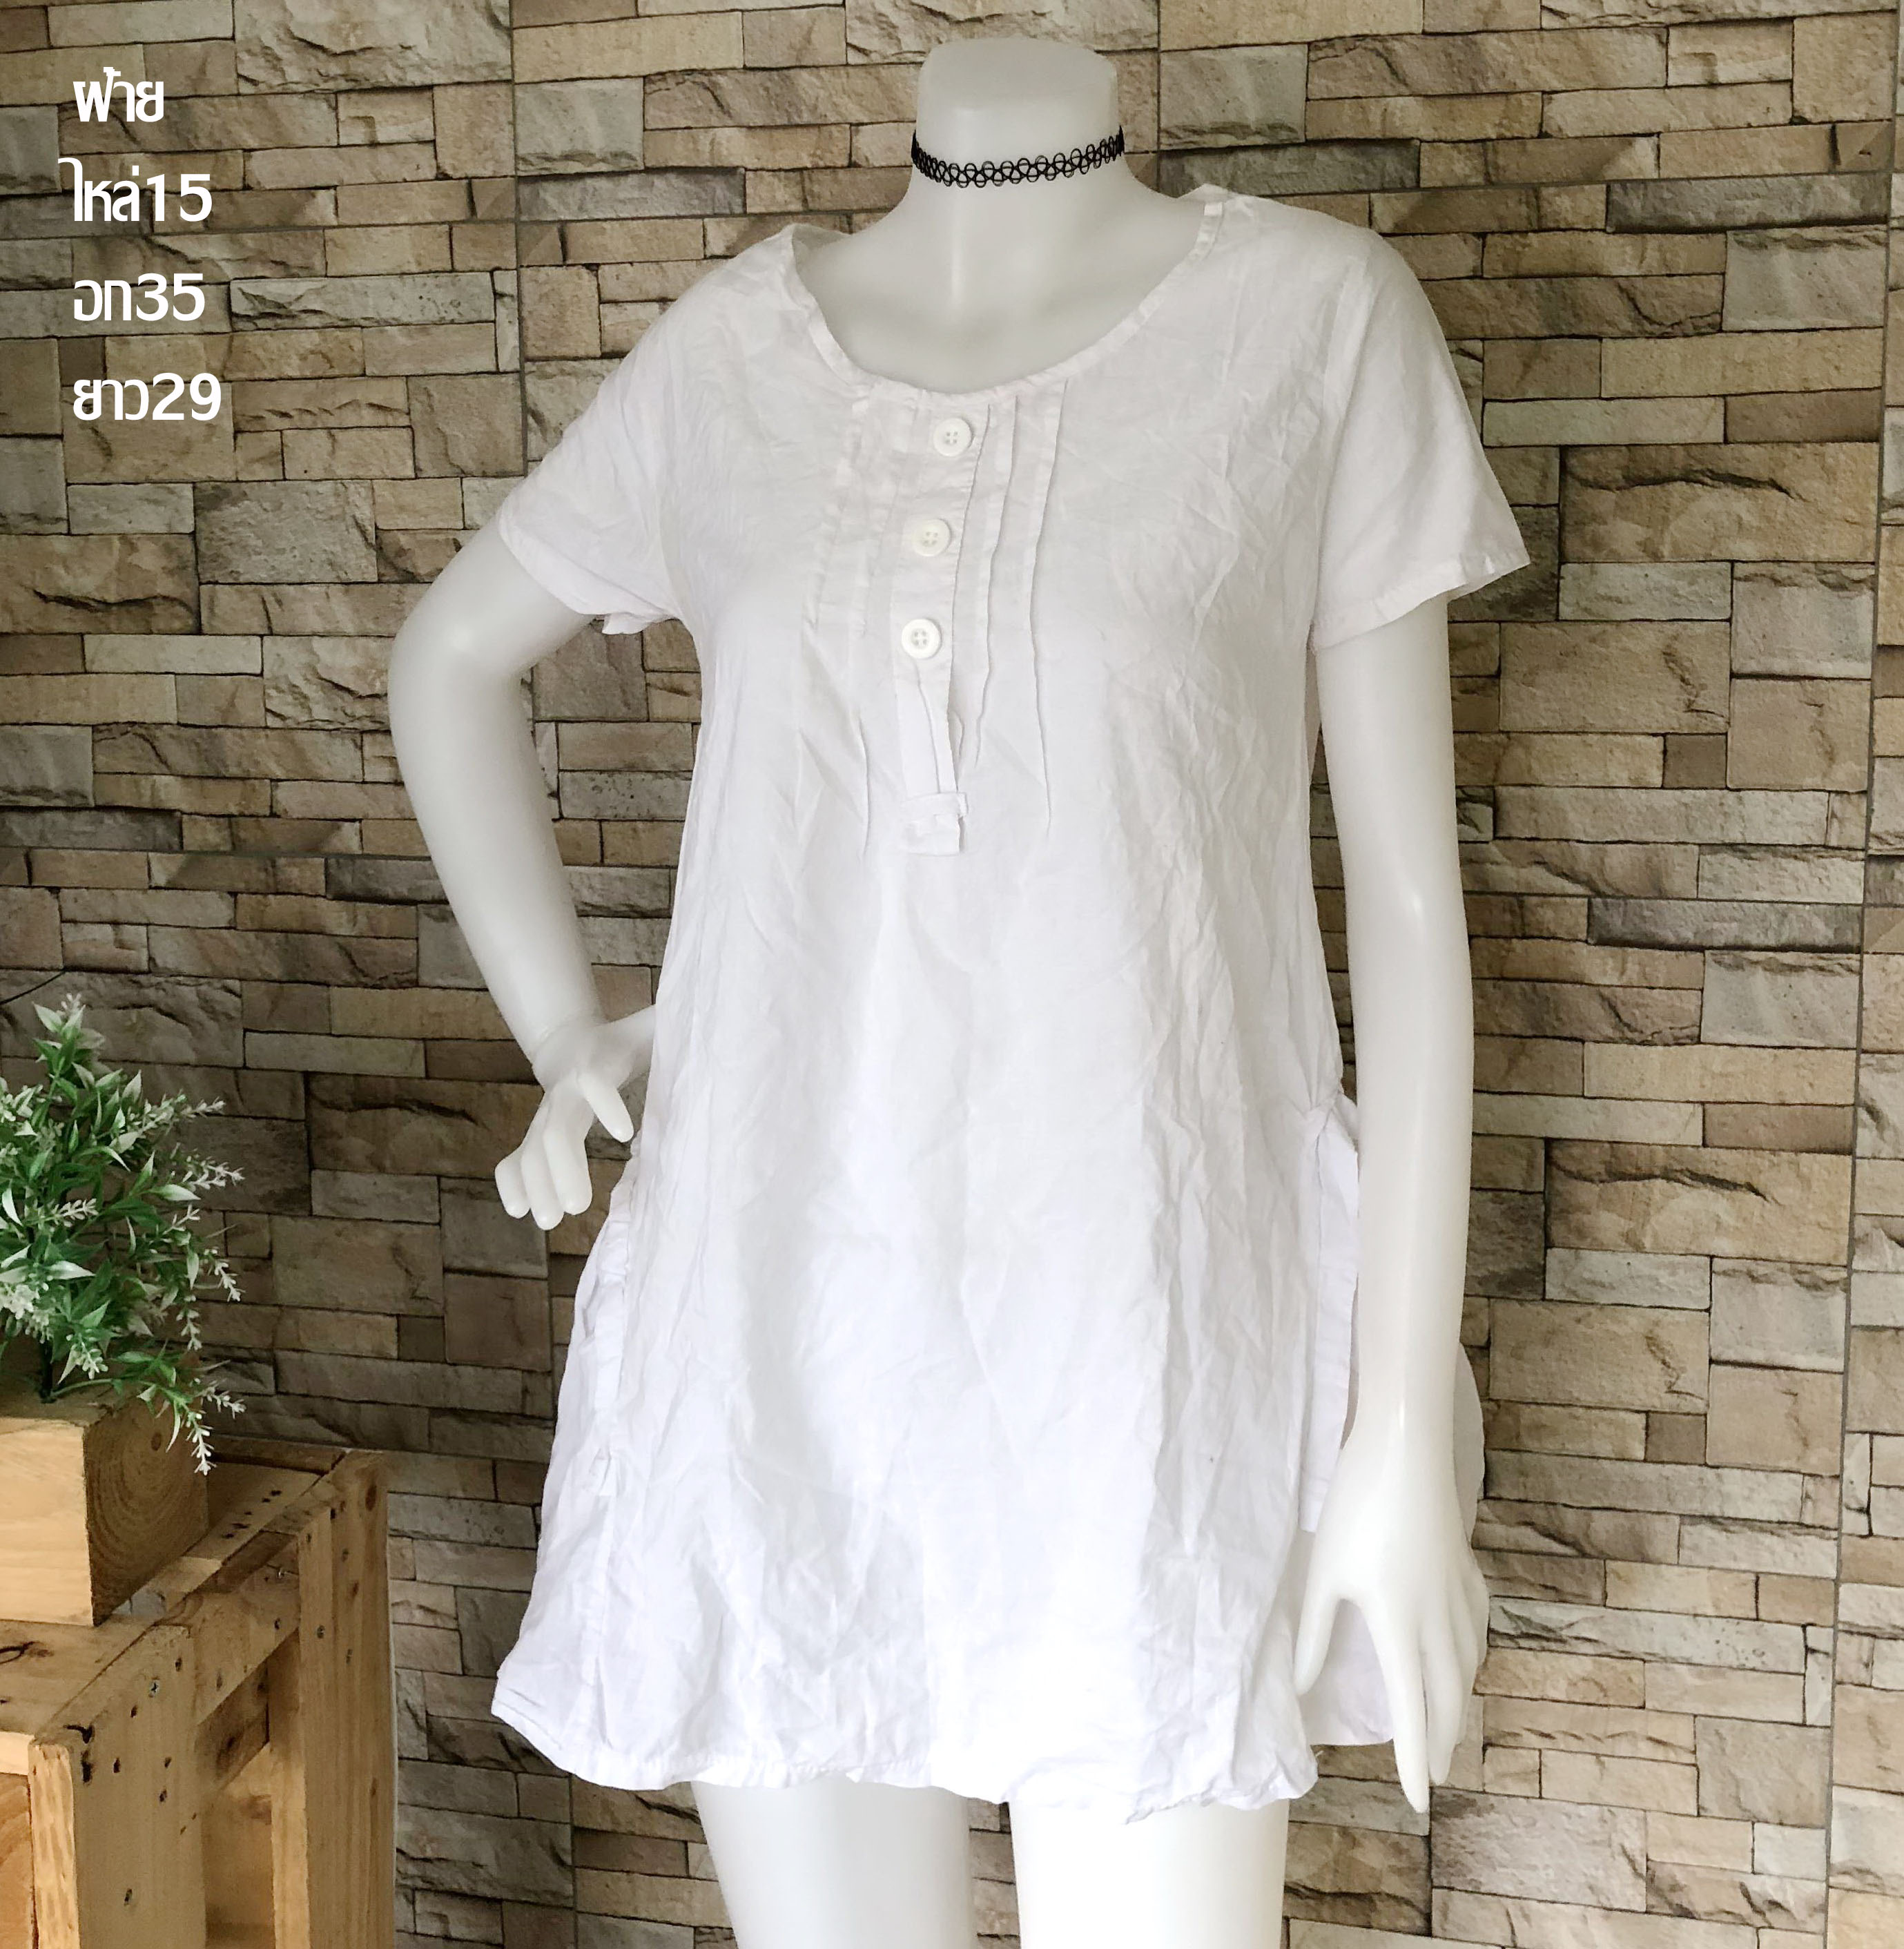 ส่ง:เสื้อตัวยาวขาวล้วนแบบเรียบๆใส่สบายผ้าฝ้าย/อก35